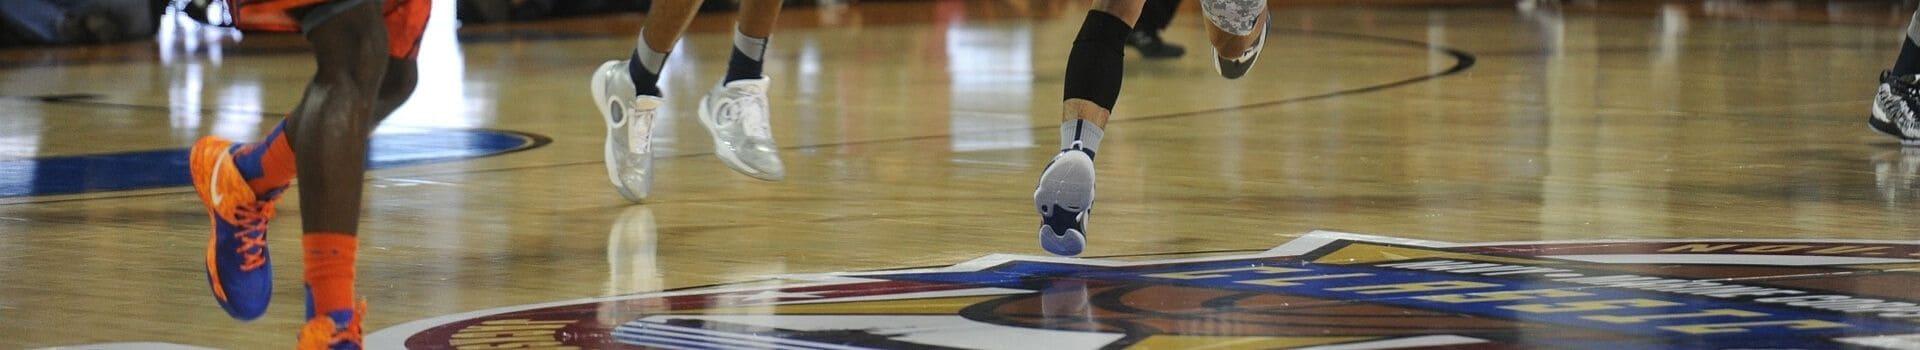 produzione calze da basket